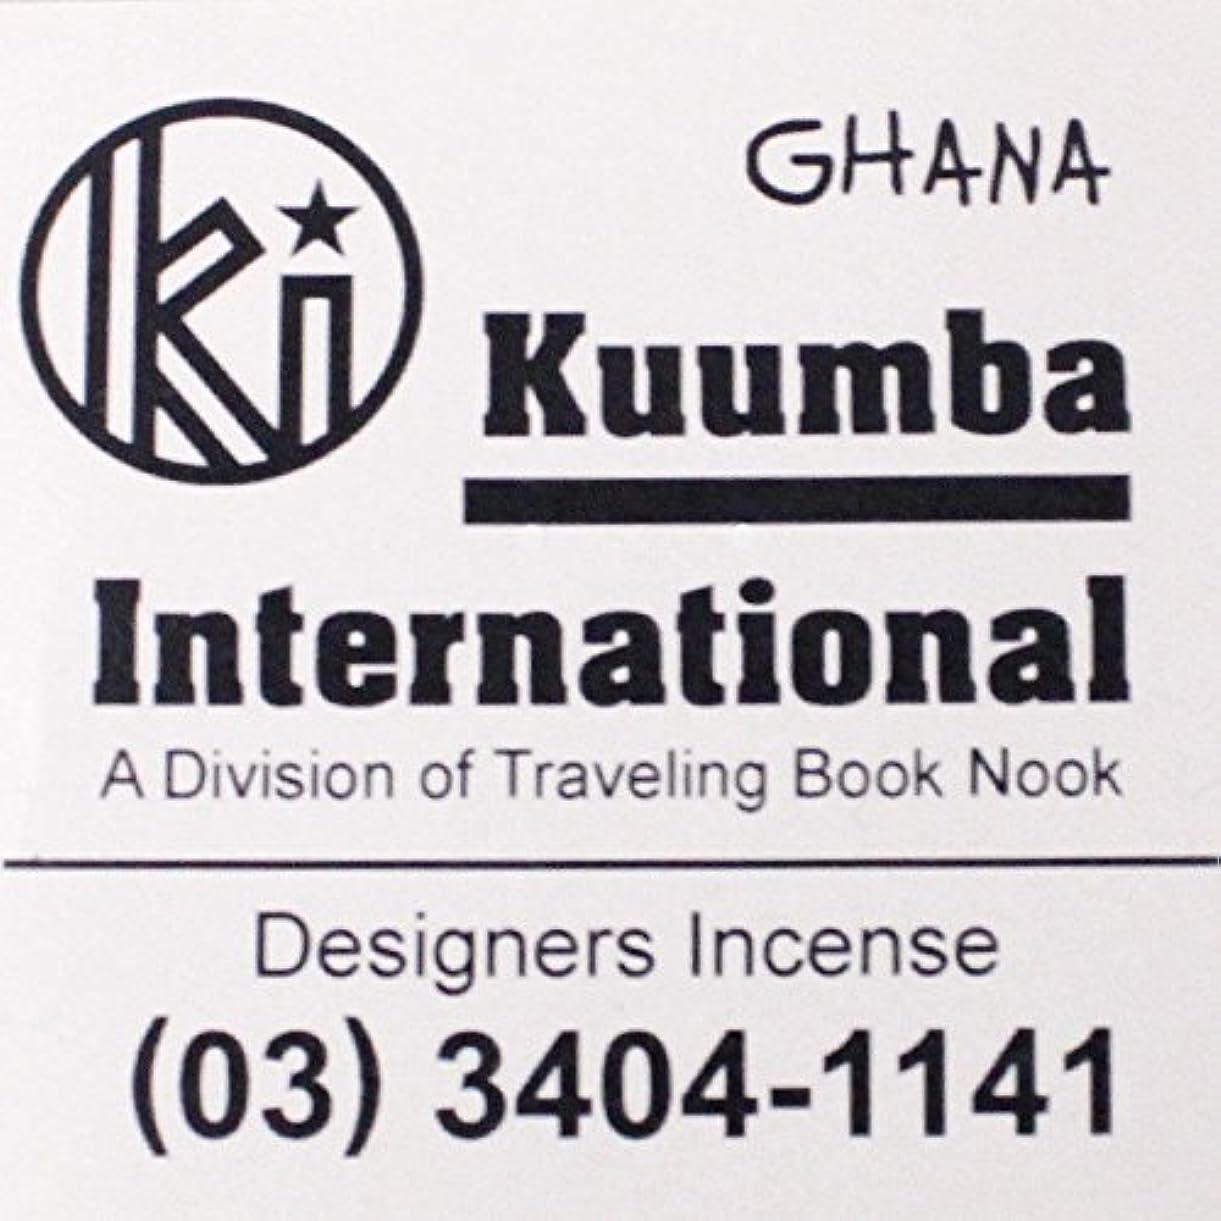 晩ごはん配分入口(クンバ) KUUMBA『incense』(GHANA) (Regular size)